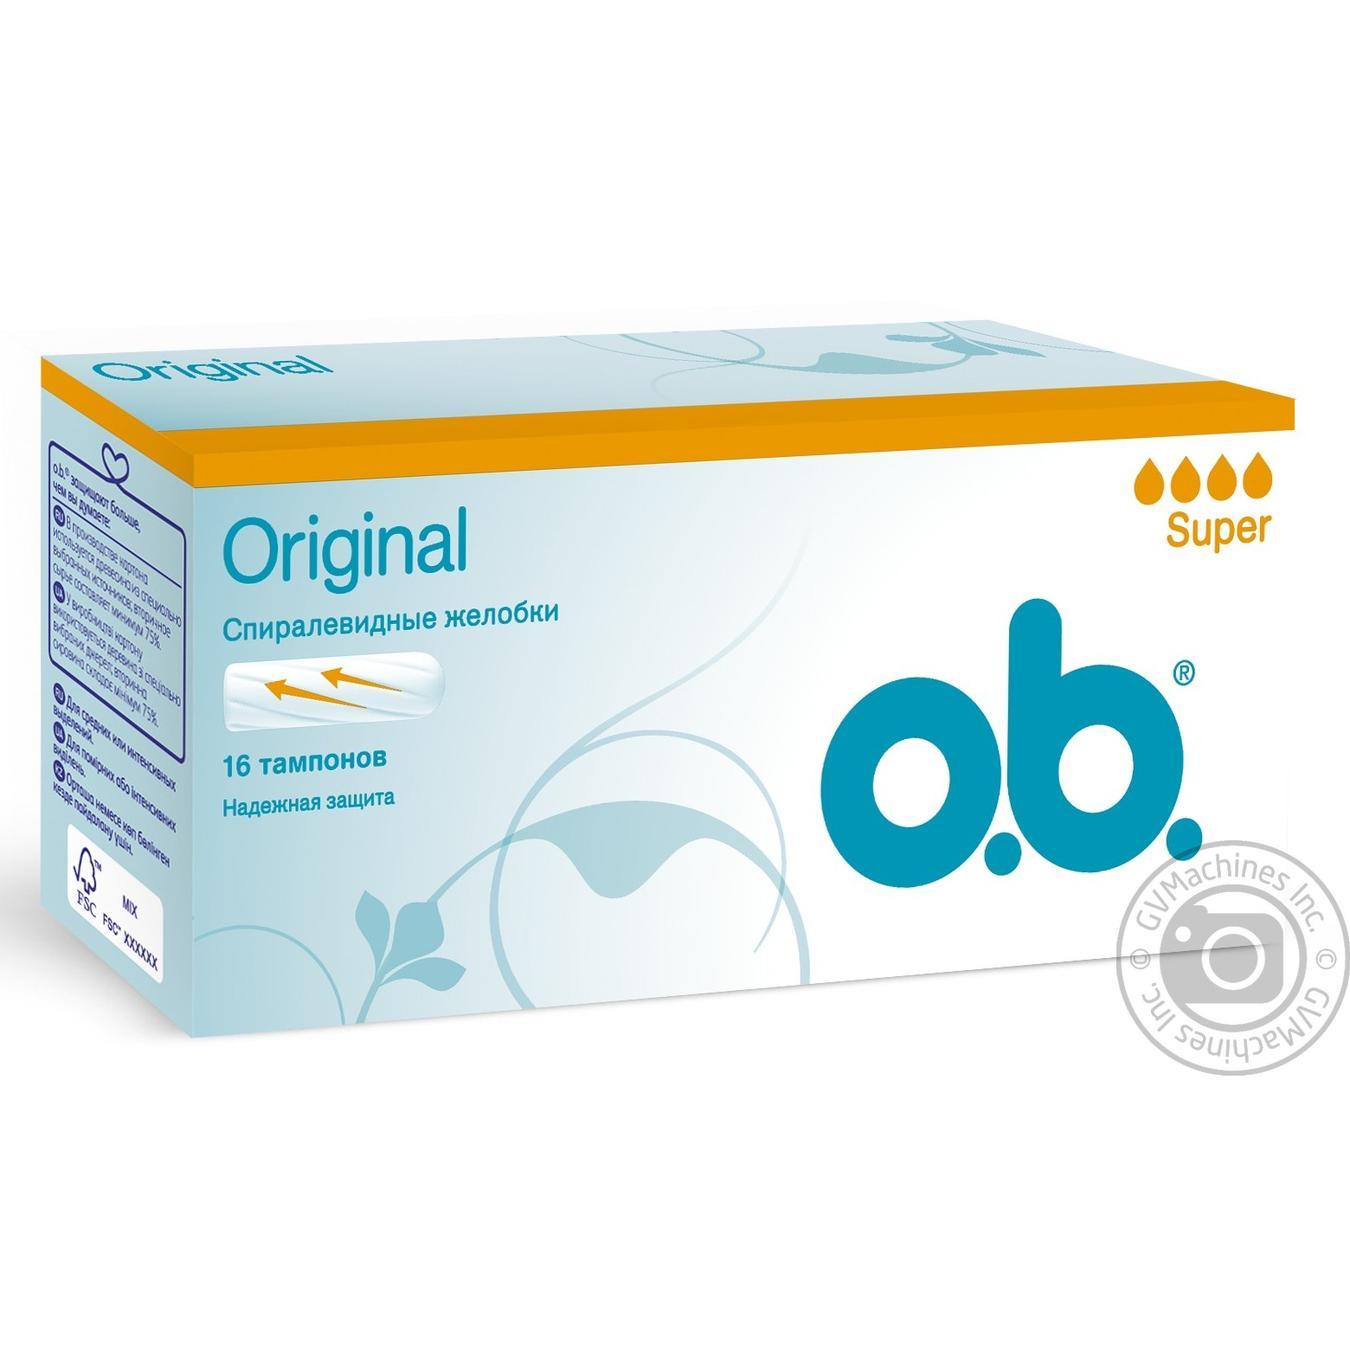 Тампоны o.b. Original Super 4 капли 16шт